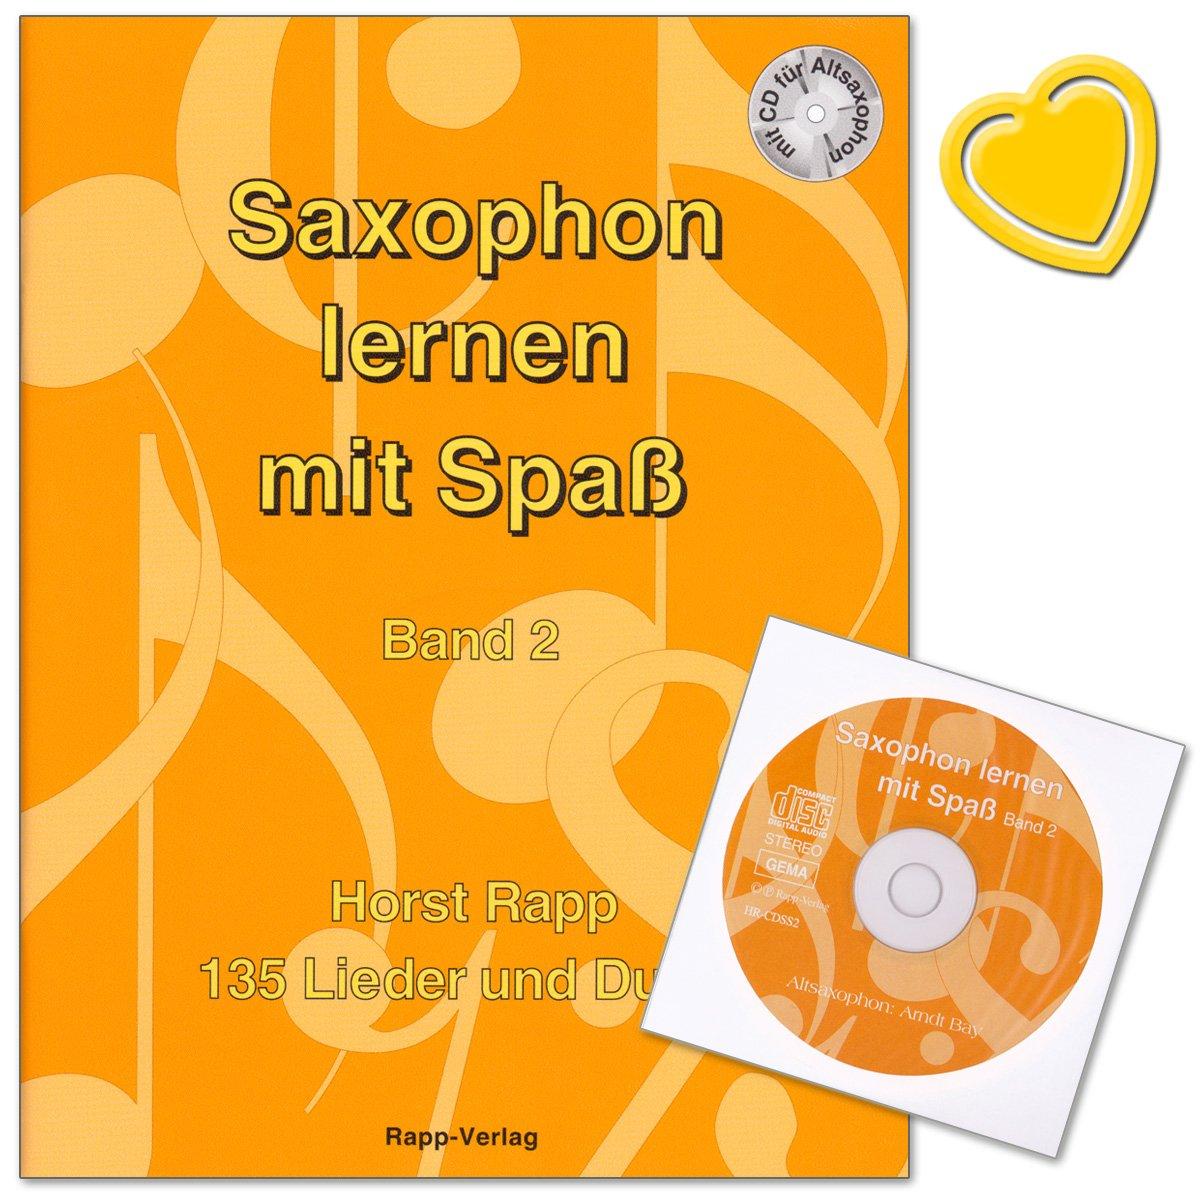 Saxophon lernen mit Spaß Band 2 von Horst Rapp - 135 Lieder und ...